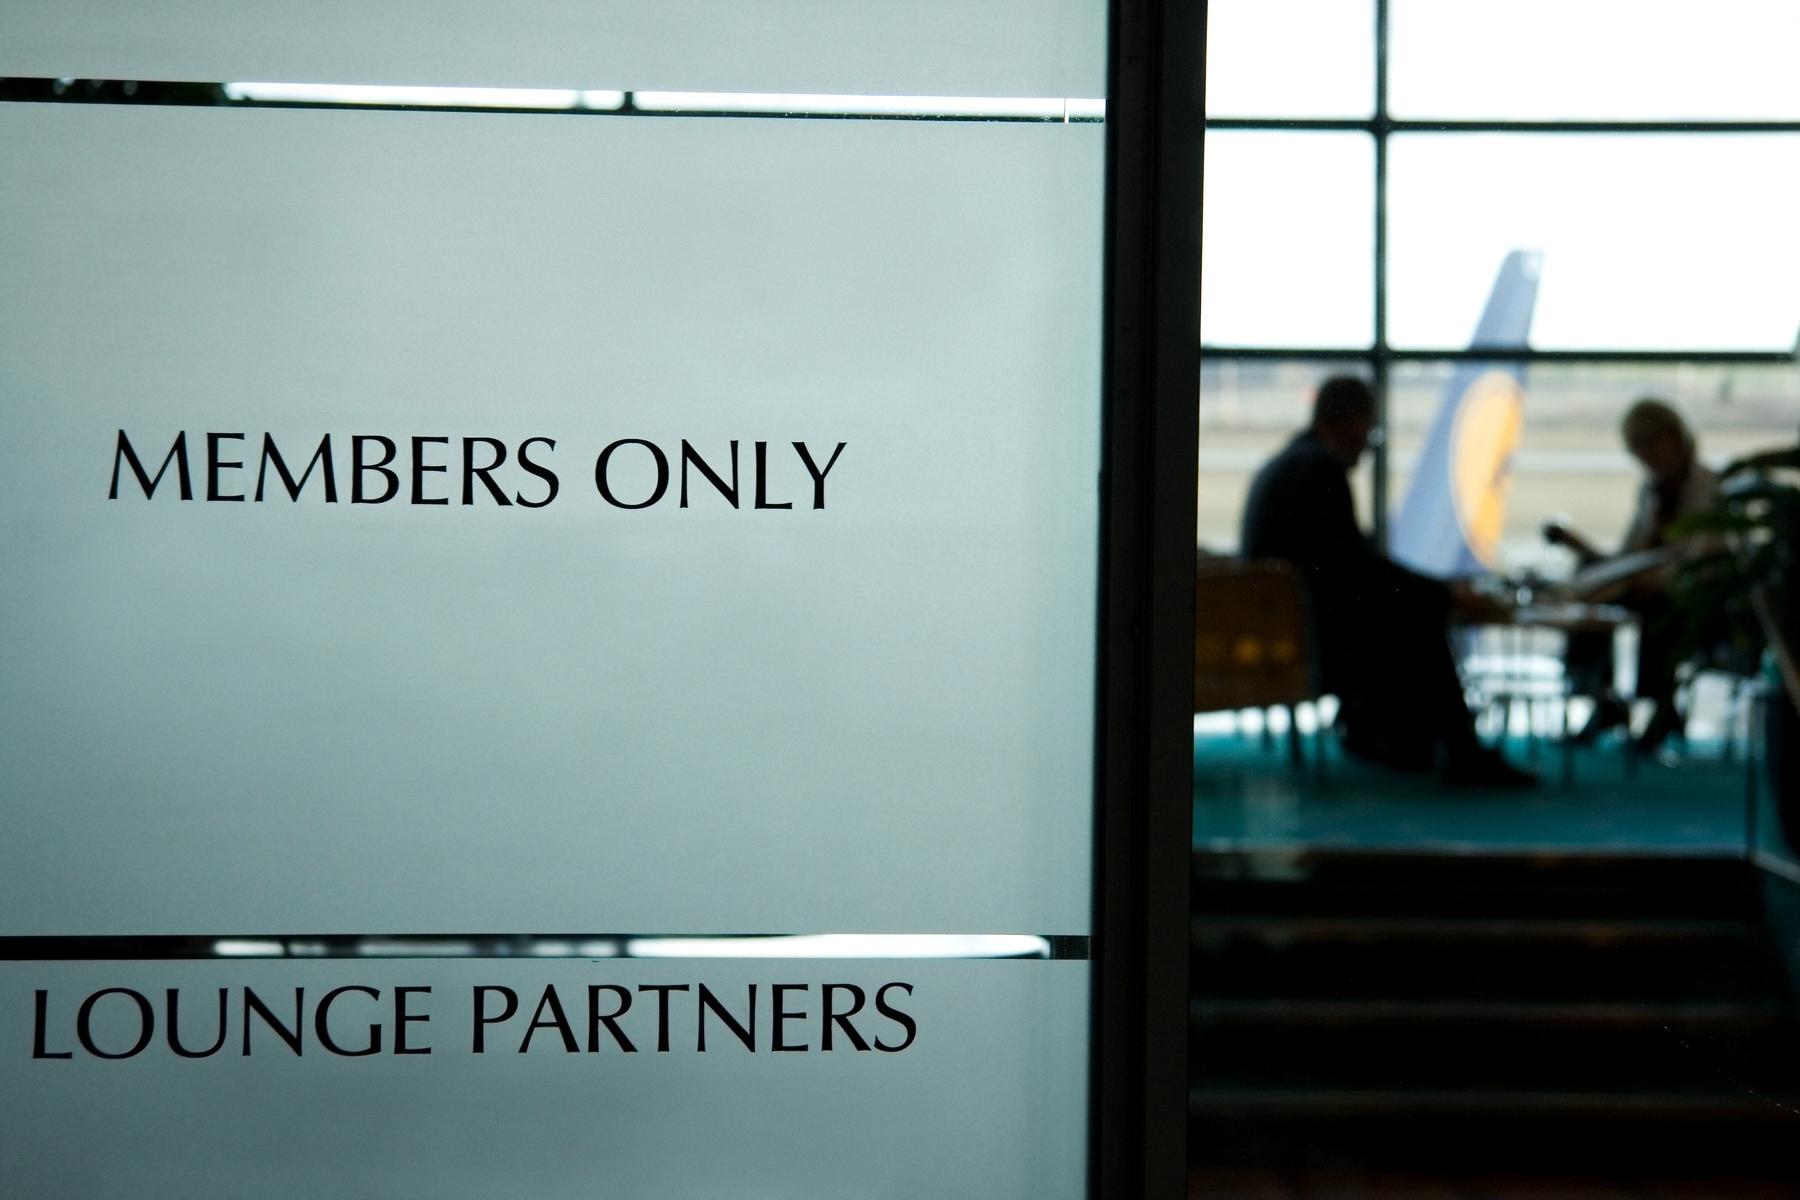 Acordos entre linhas aéreas permitem o compartilhamento de sala de espera vip de empresas parceiras